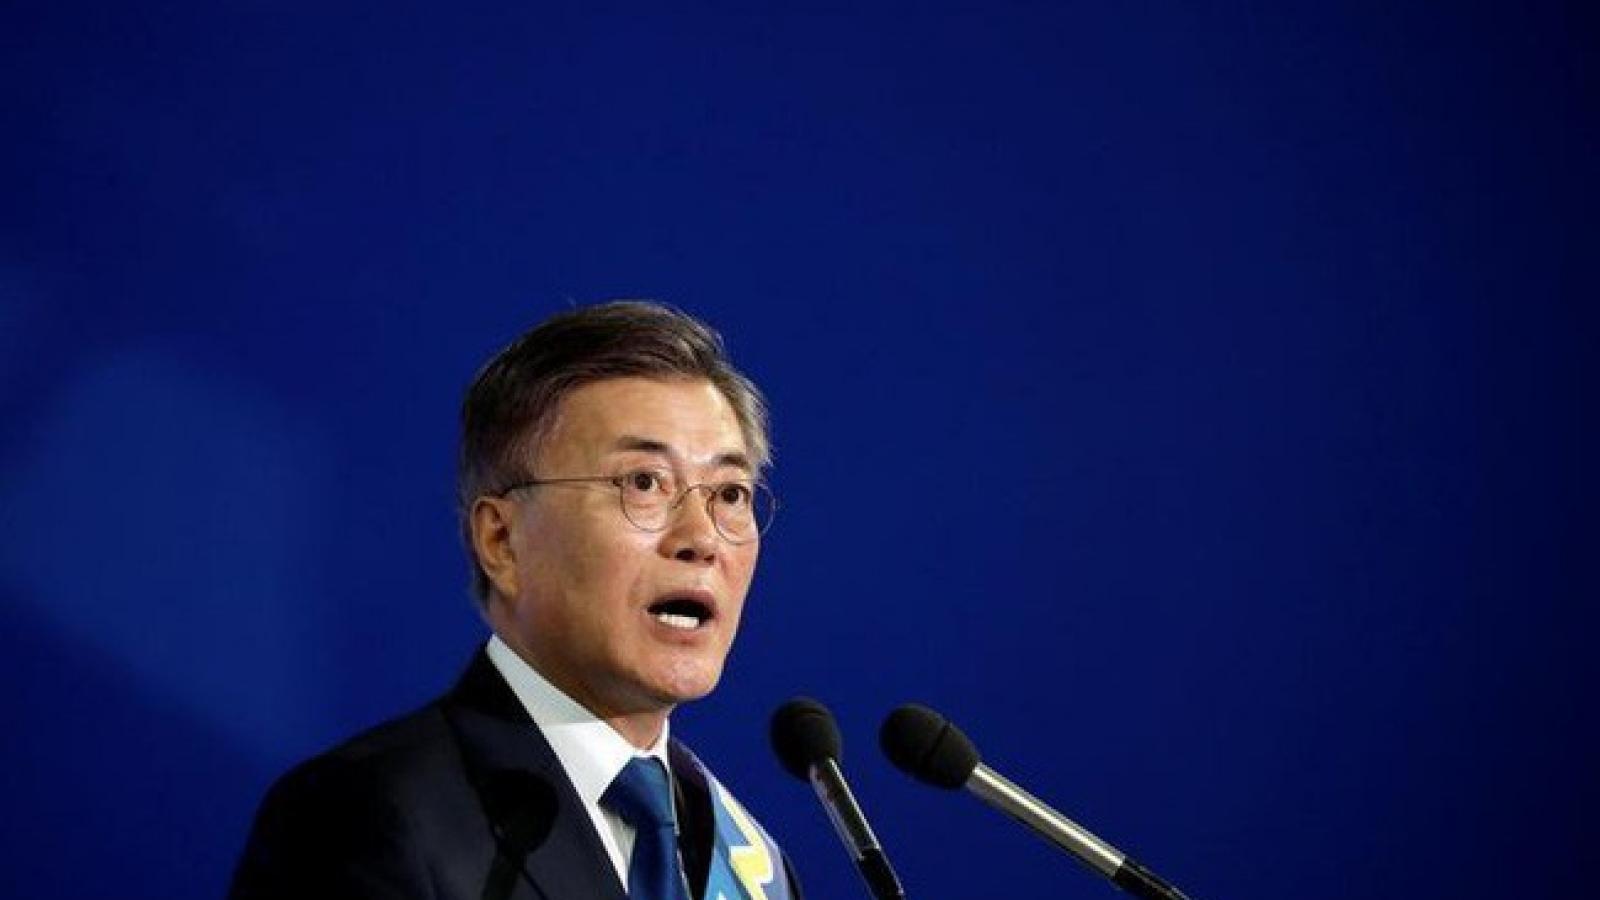 Hàn Quốc sẽ thúc đẩy hợp tác thực tiễn và thiết thực với Triều Tiên